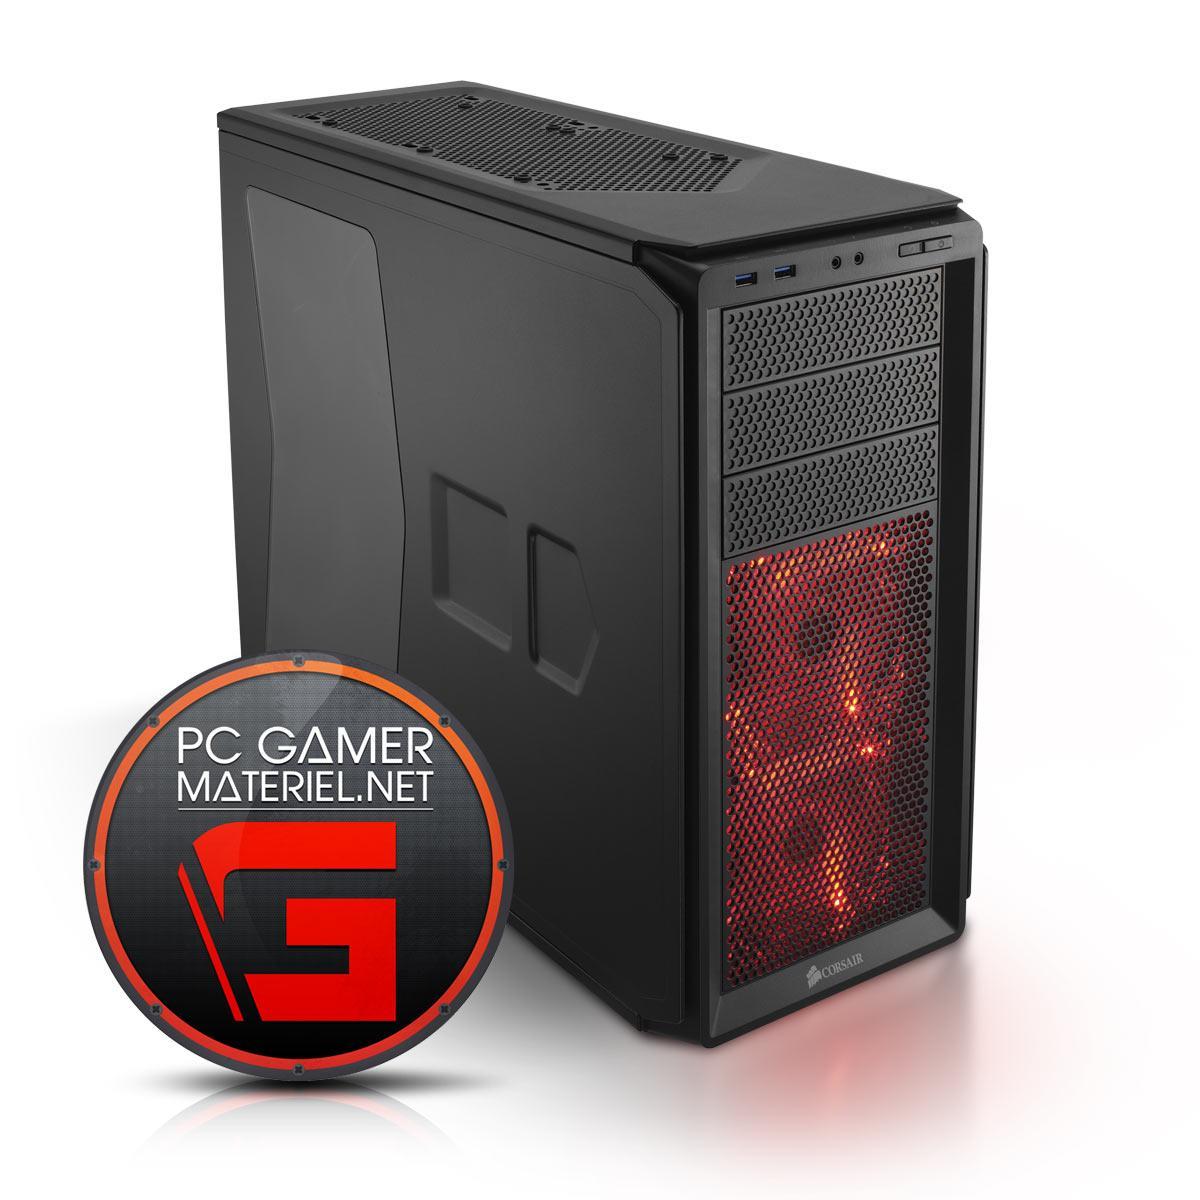 Avis sur le PC Gamer Nemesis de materiel.net - Config-Gamer.fr